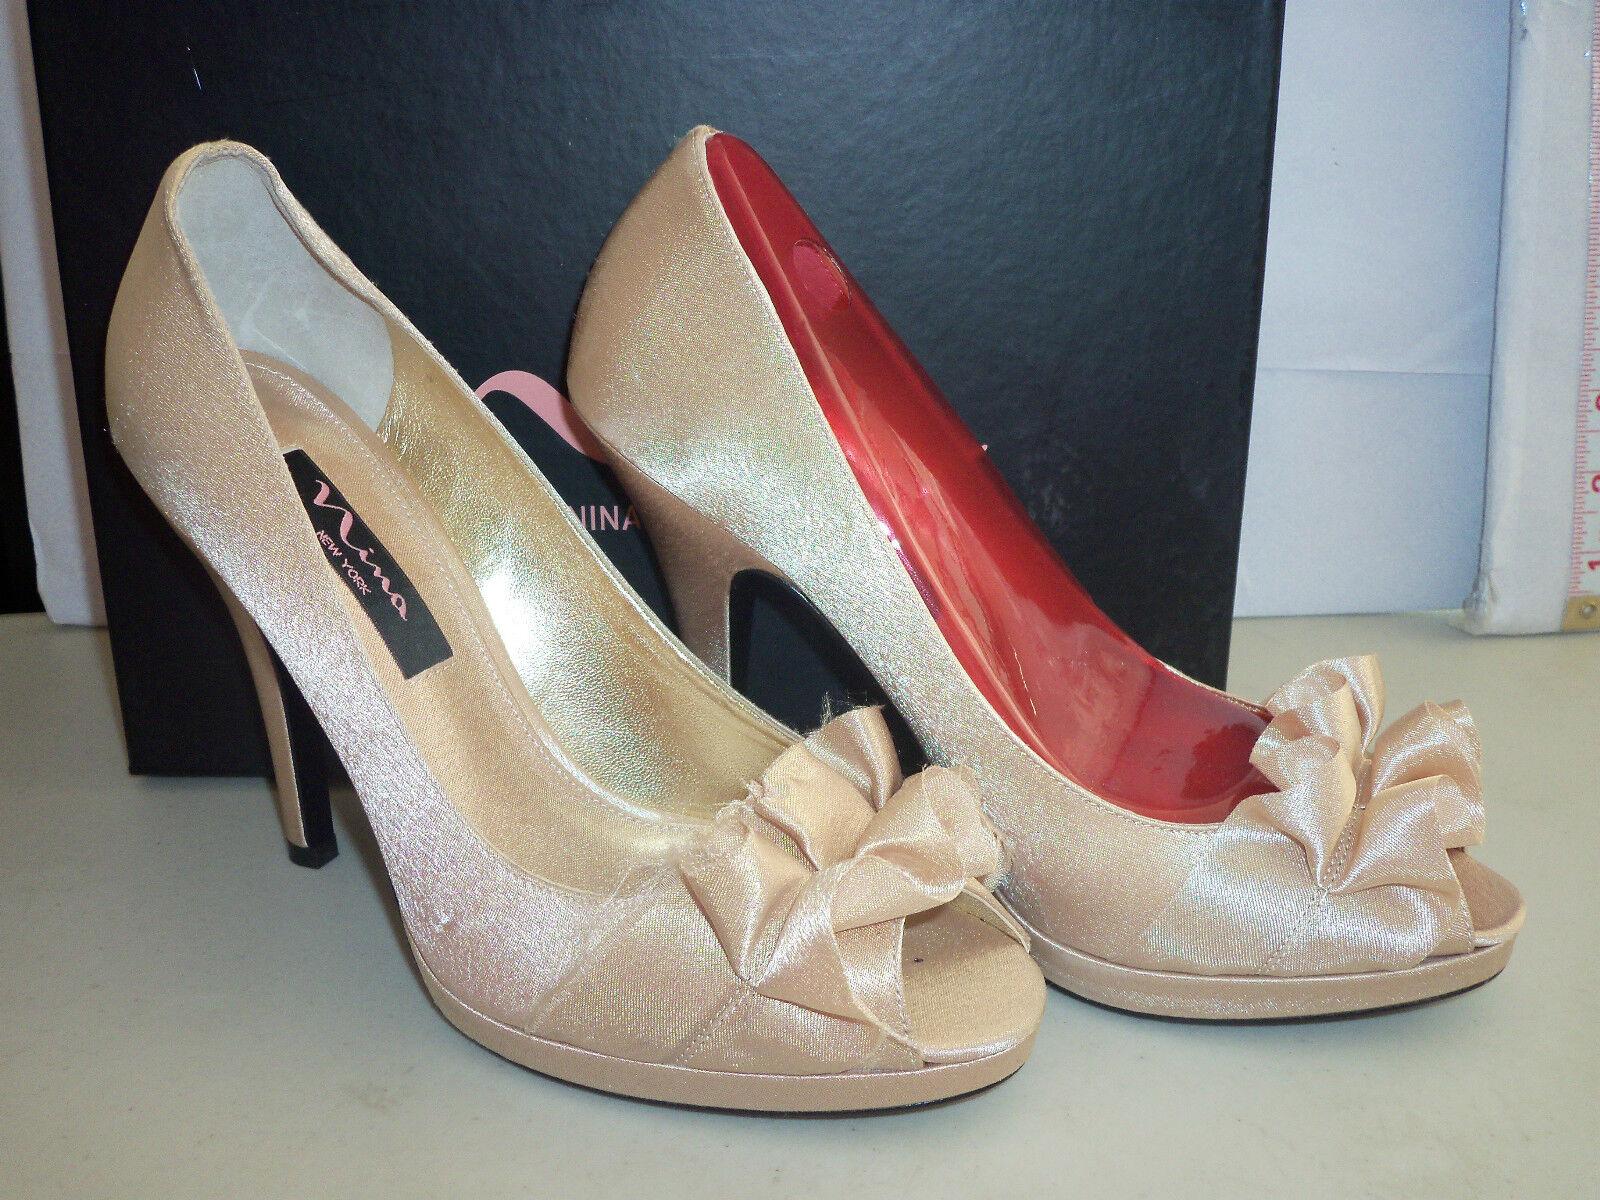 articoli promozionali Nina New Store Display donna donna donna Evelixa oro Satin Open Toe Heels 7.5 M scarpe  risparmia il 60% di sconto